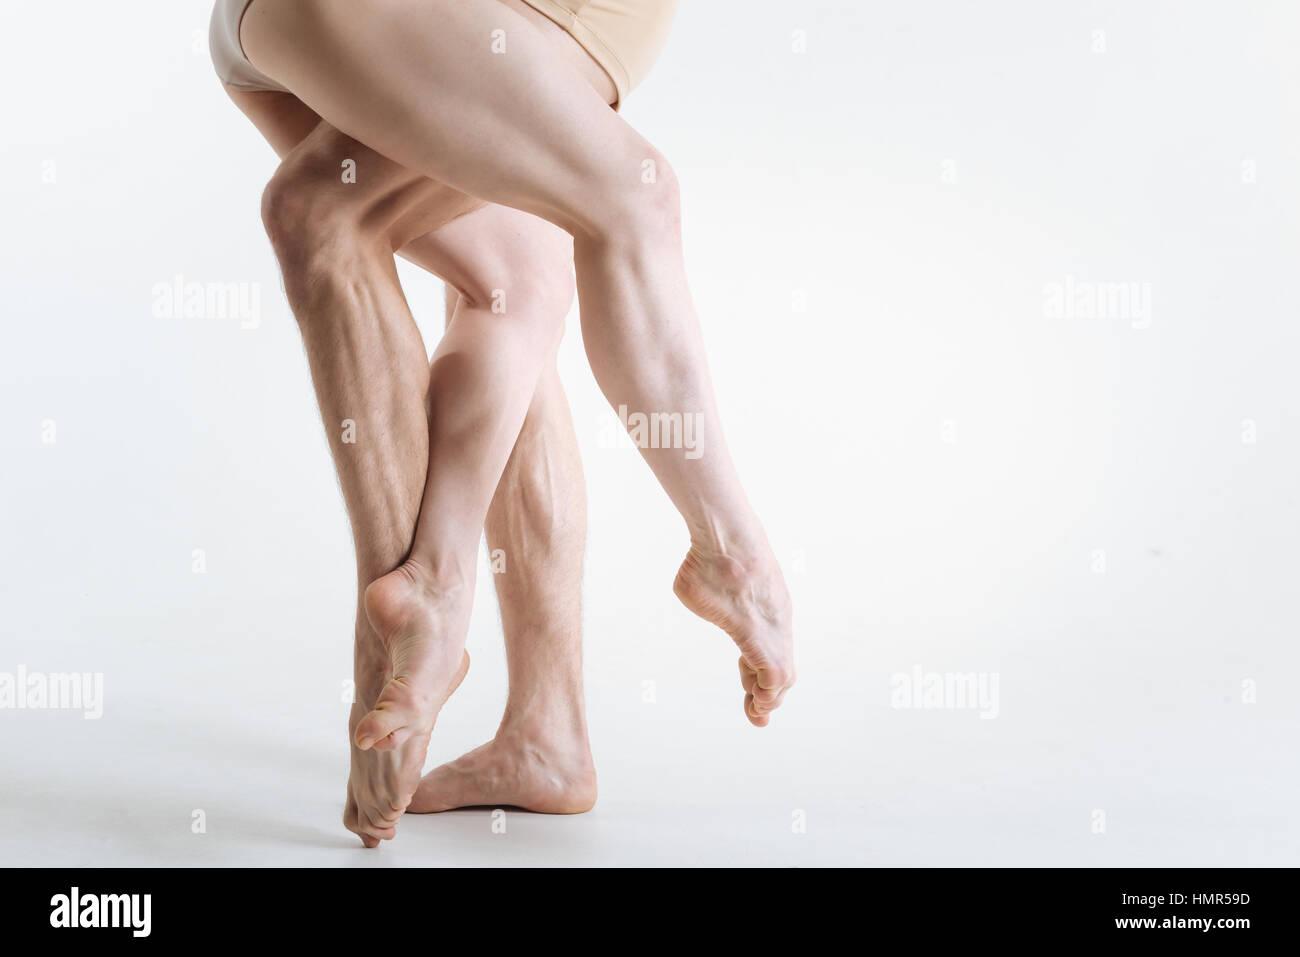 Starke Gymnastik Beine befindet sich im weißen farbigen studio Stockbild